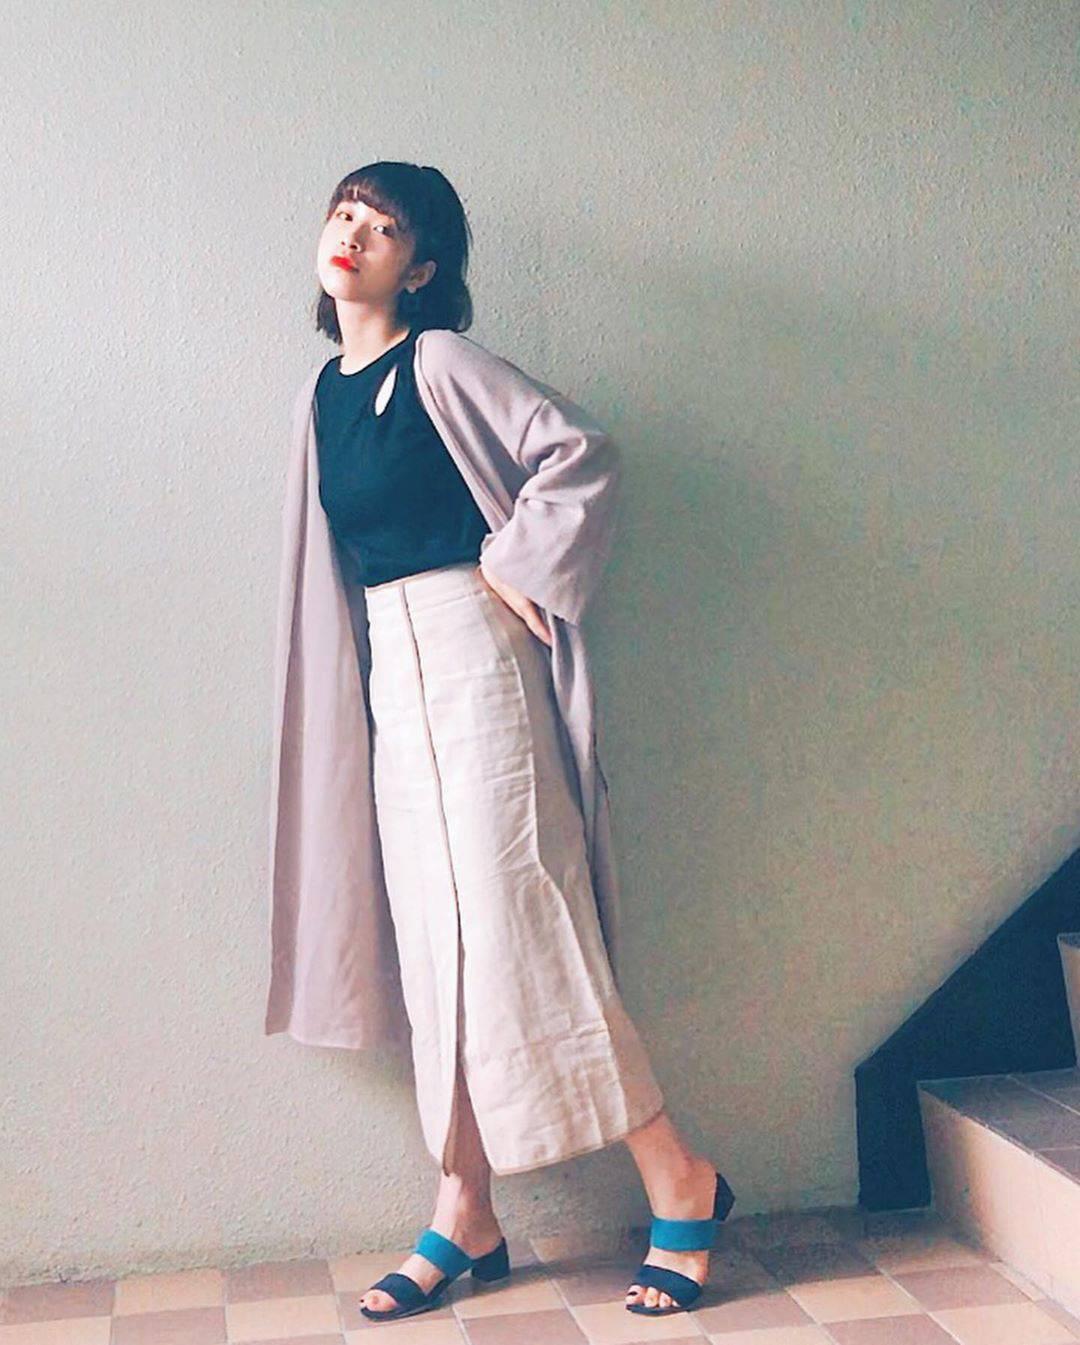 最高気温21度・最低気温14度 natsu_outfitsの服装